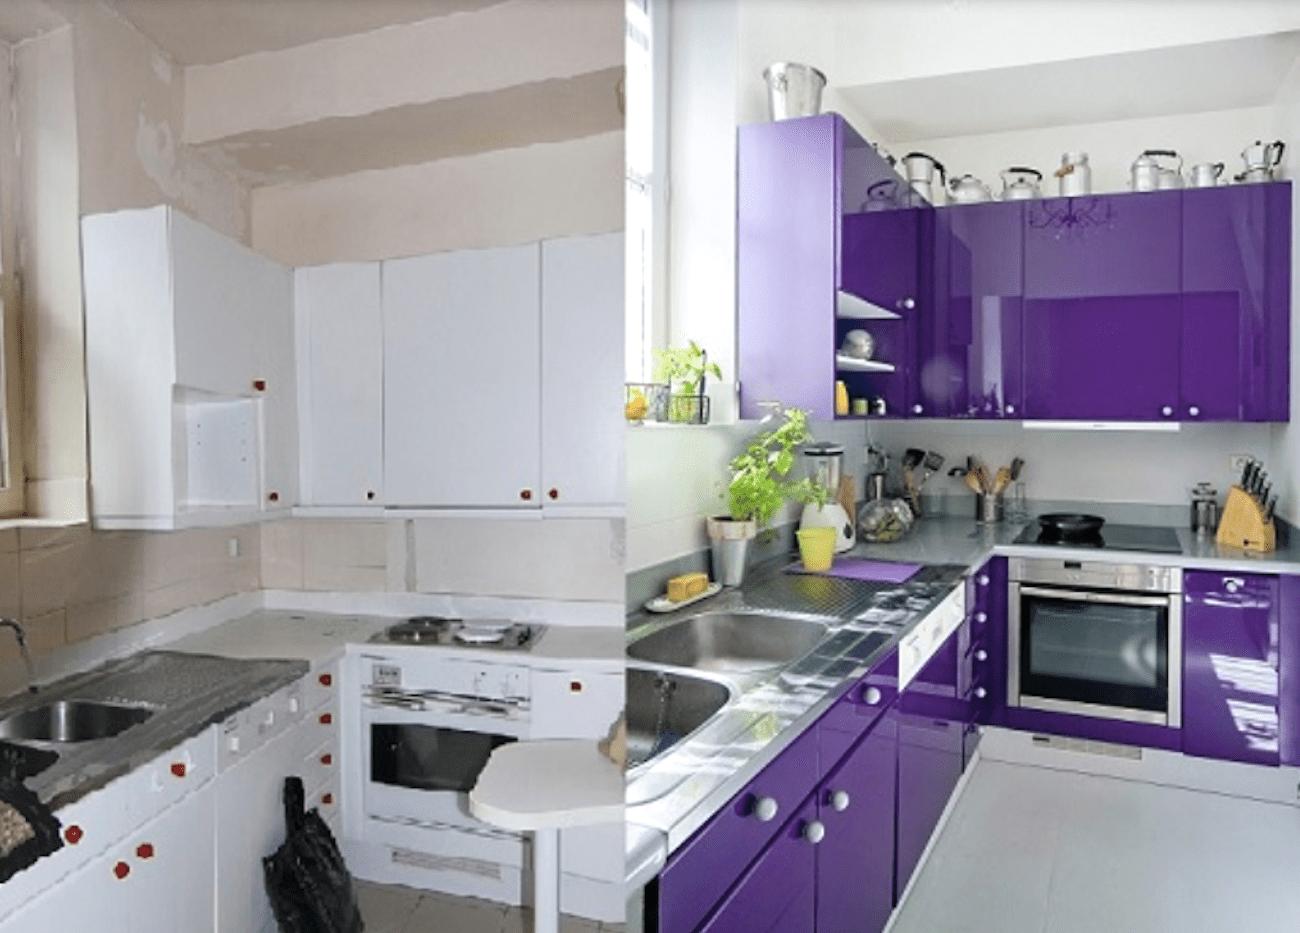 Vistoso Manchando Muebles De Cocina Antes Y Después De Fotos Bandera ...